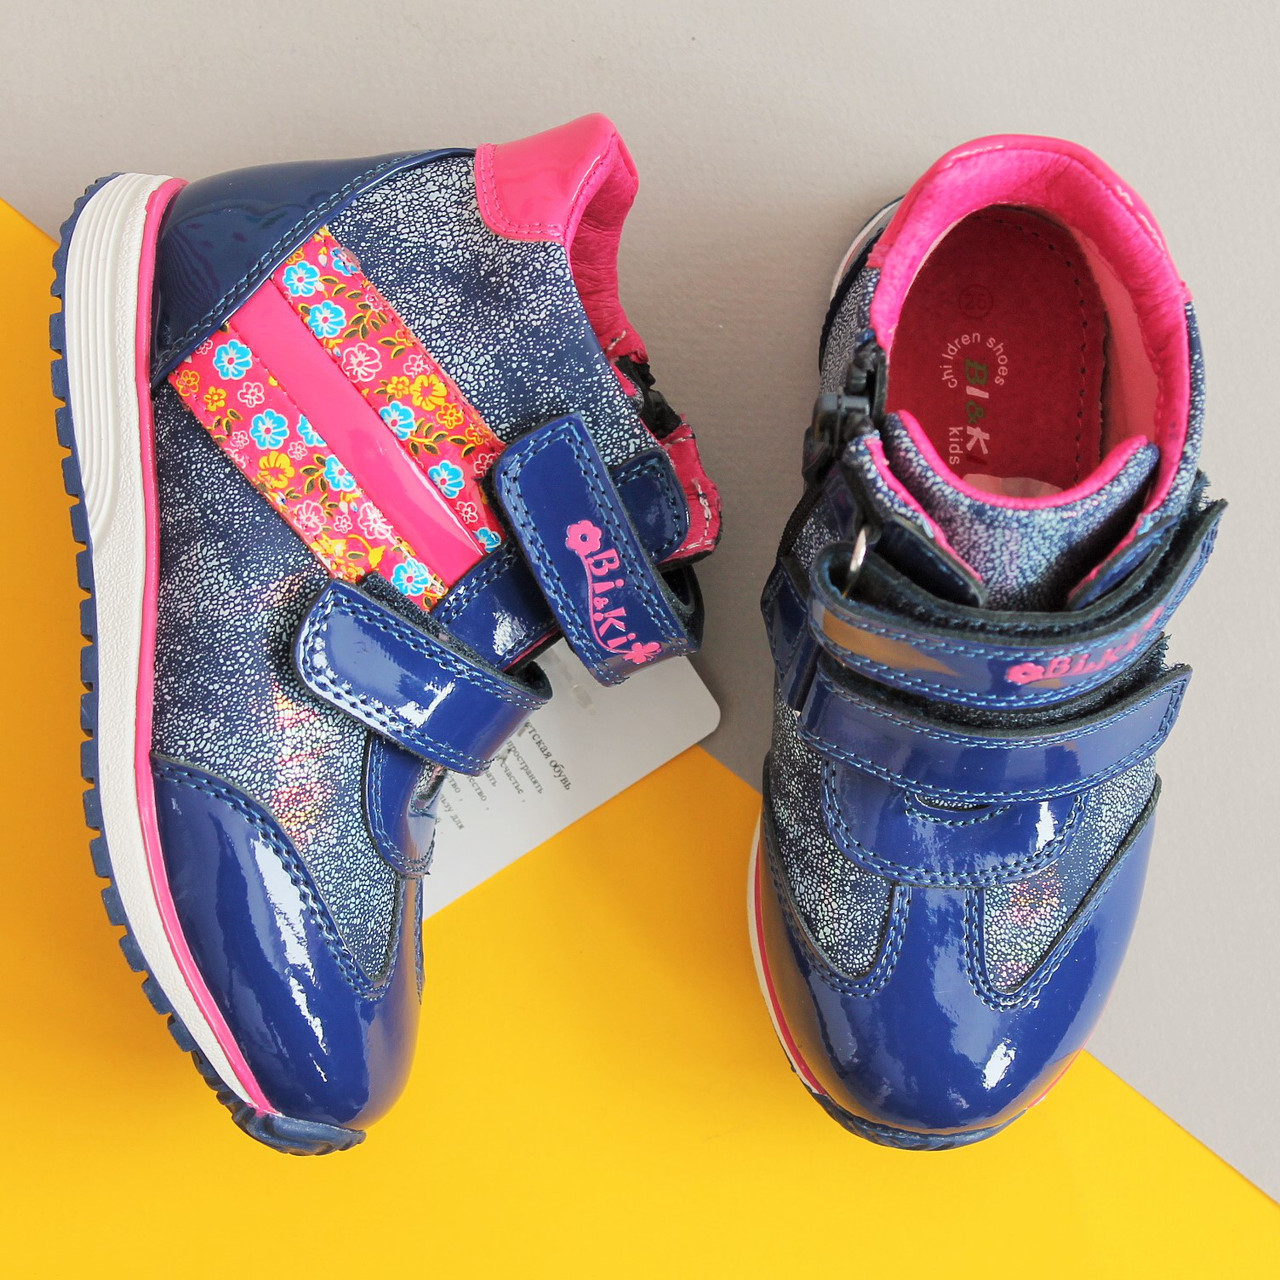 0a0b65226 Демисезонные кожаные ботинки для девочки тм BiKi р.21,22 - BonKids - детский